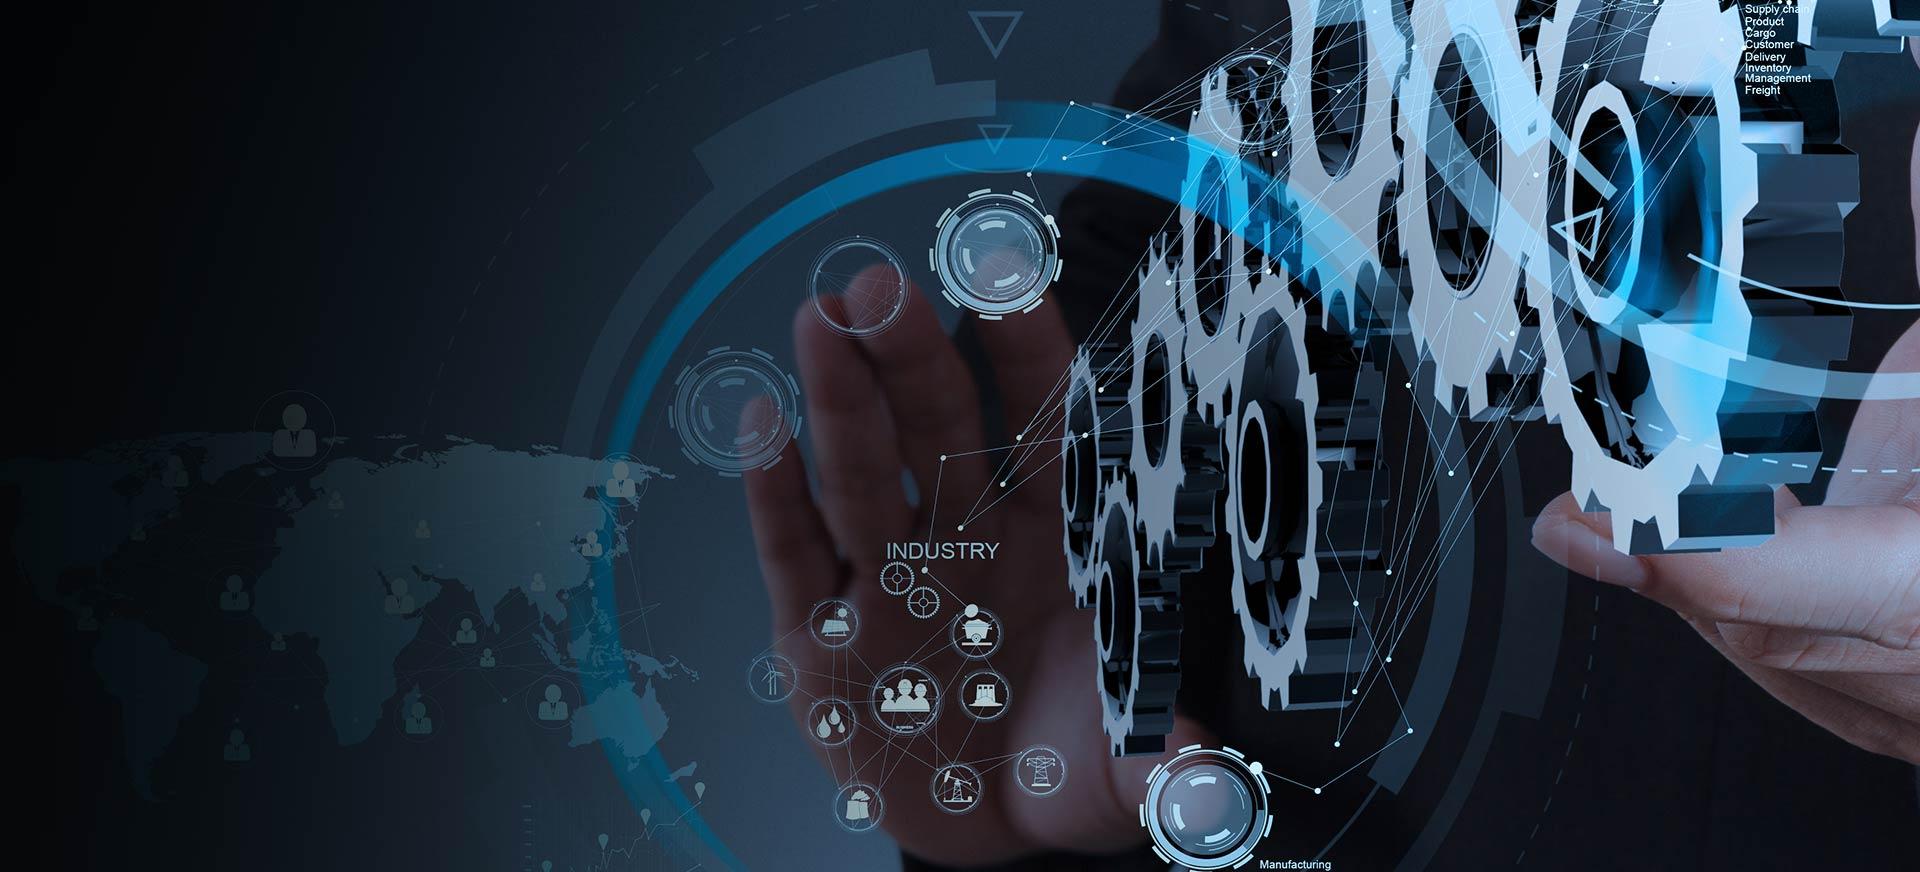 طراحی و ساخت تابلو های کنترل ماشین آلات صنعتی و خطوط تولید (اتوماسیون صنعتی) و ارتقای سیستم کنترل موجود جهت توسعه سیستم و کنترل دقیق فرآیند تولید